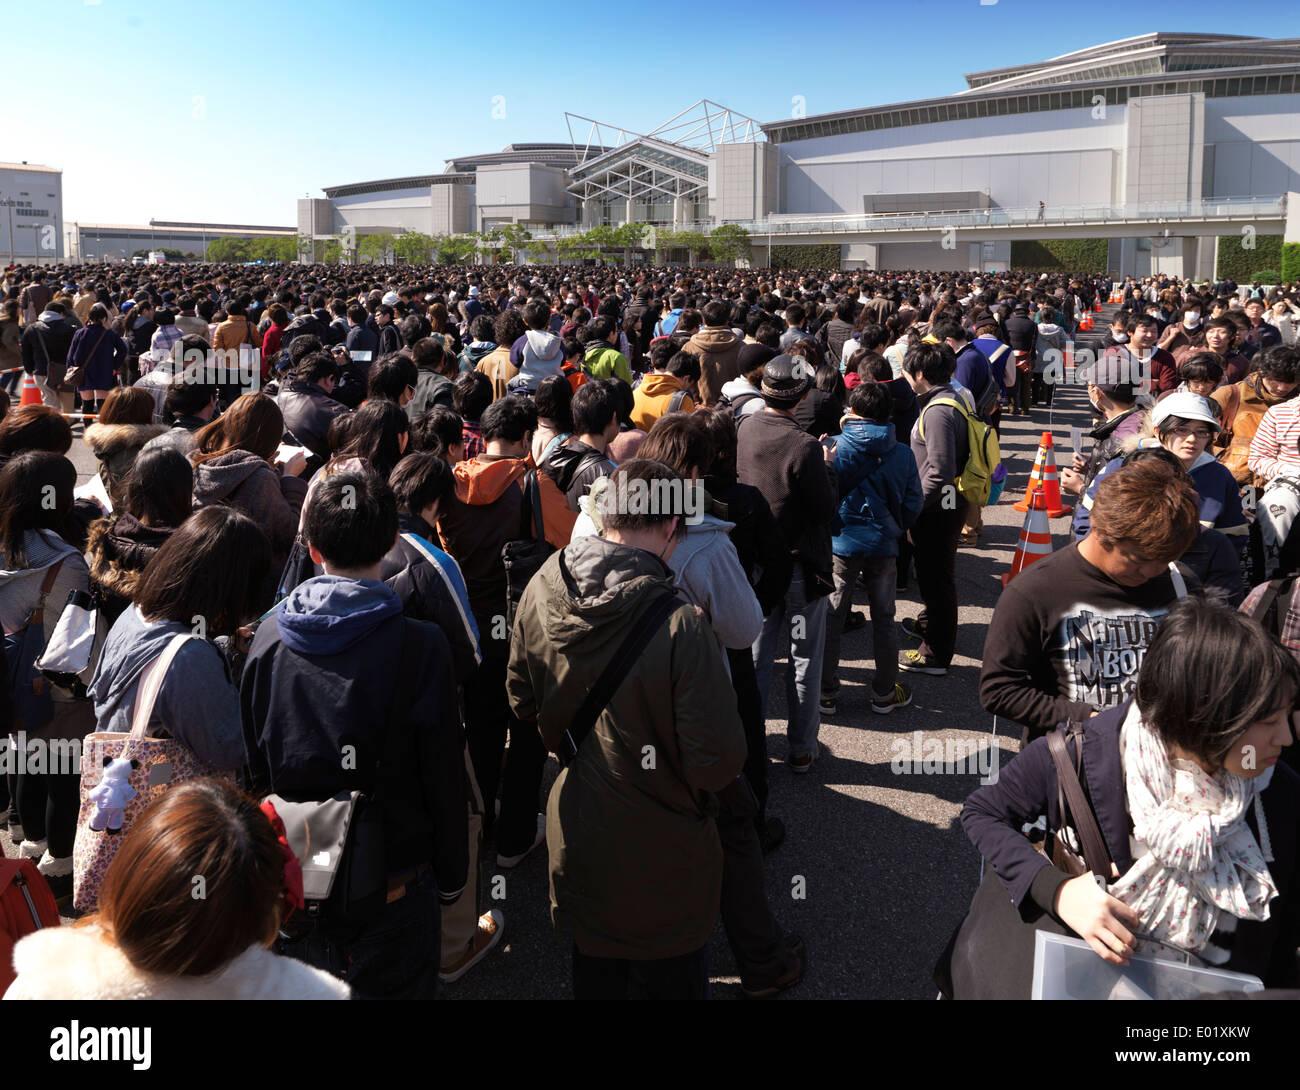 Longue file de gens à Tokyo Big Sight Exhibition Centre en AnimeJapan Tokyo International Anime Fair. Tokyo, Japon. Photo Stock